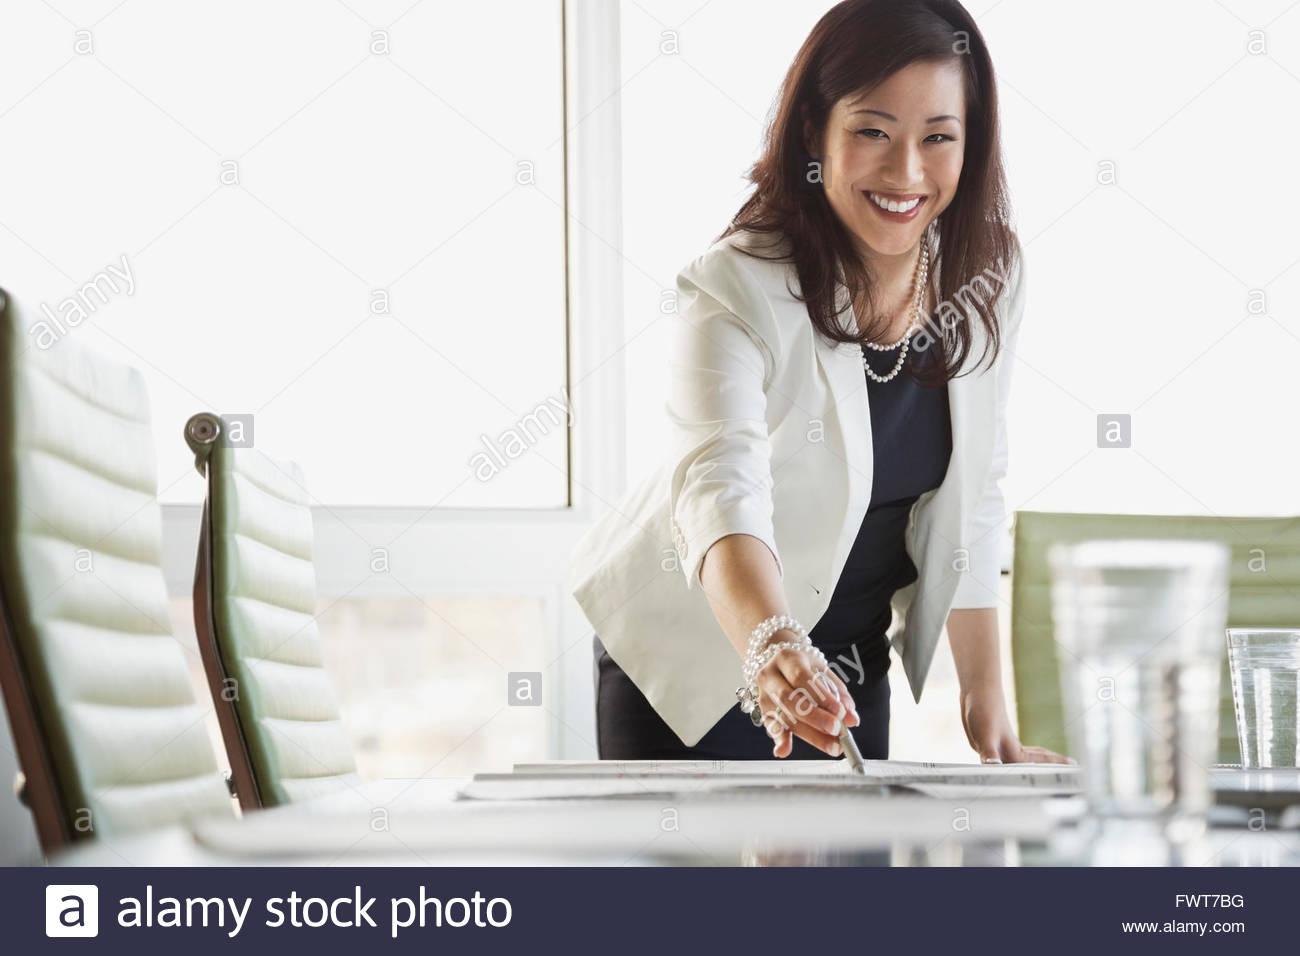 Porträt der Geschäftsfrau, die Überprüfung von Blaupause am Konferenztisch Stockbild